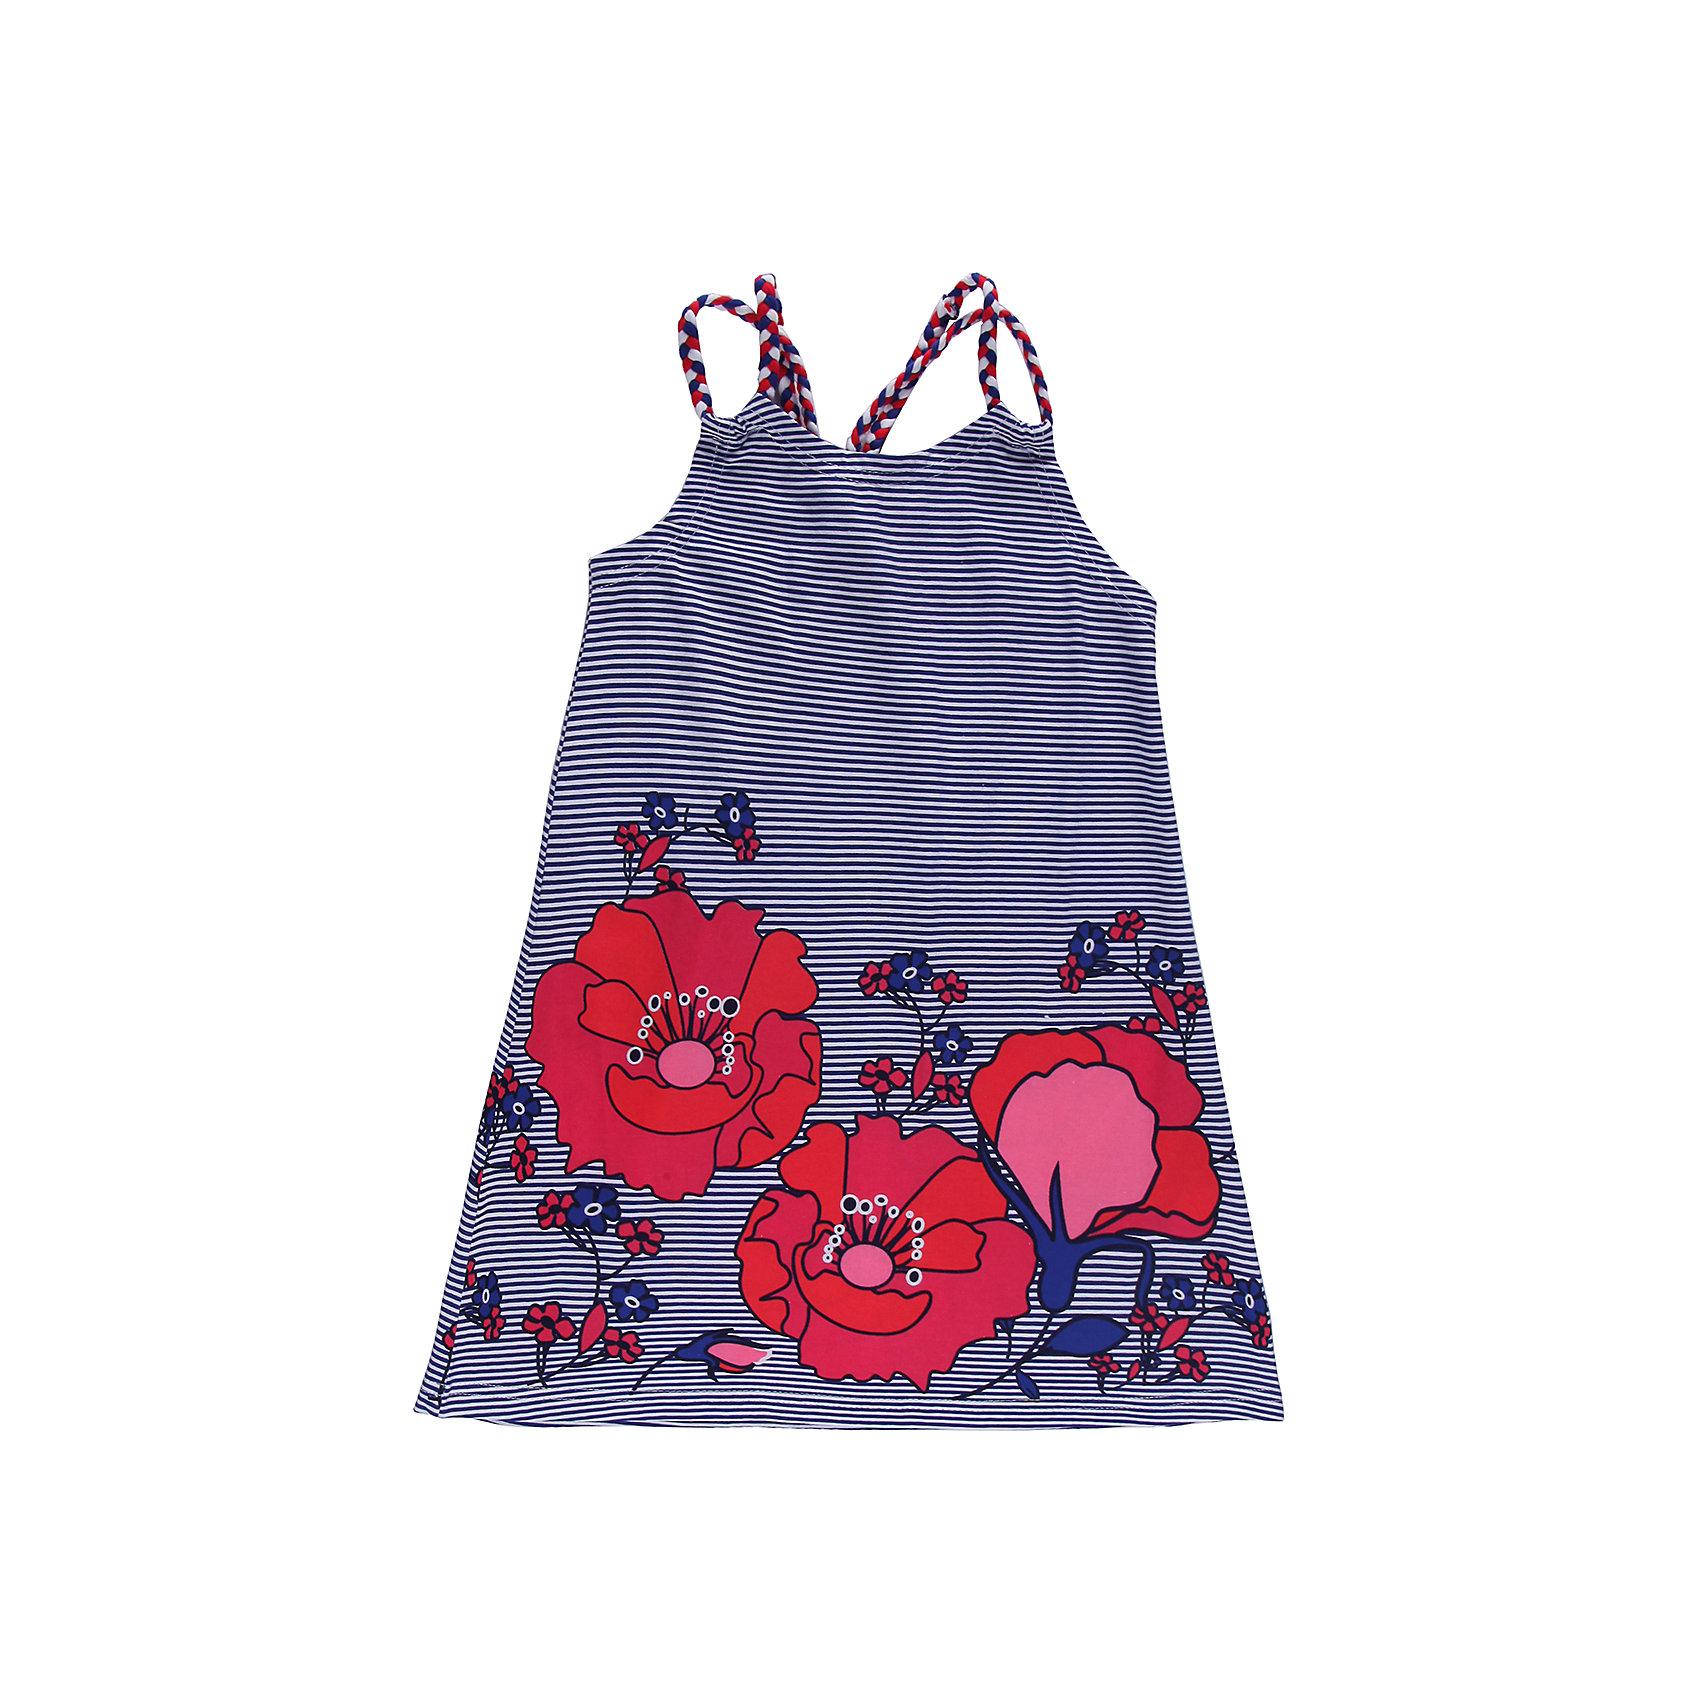 Платье для девочки Sweet BerryТрикотажное платье украшенное яркими цветами и  переплетеными бретелями.<br>Состав:<br>95% хлопок, 5% эластан<br><br>Ширина мм: 236<br>Глубина мм: 16<br>Высота мм: 184<br>Вес г: 177<br>Цвет: синий/красный<br>Возраст от месяцев: 24<br>Возраст до месяцев: 36<br>Пол: Женский<br>Возраст: Детский<br>Размер: 98,110,104,116,122,128<br>SKU: 4521042